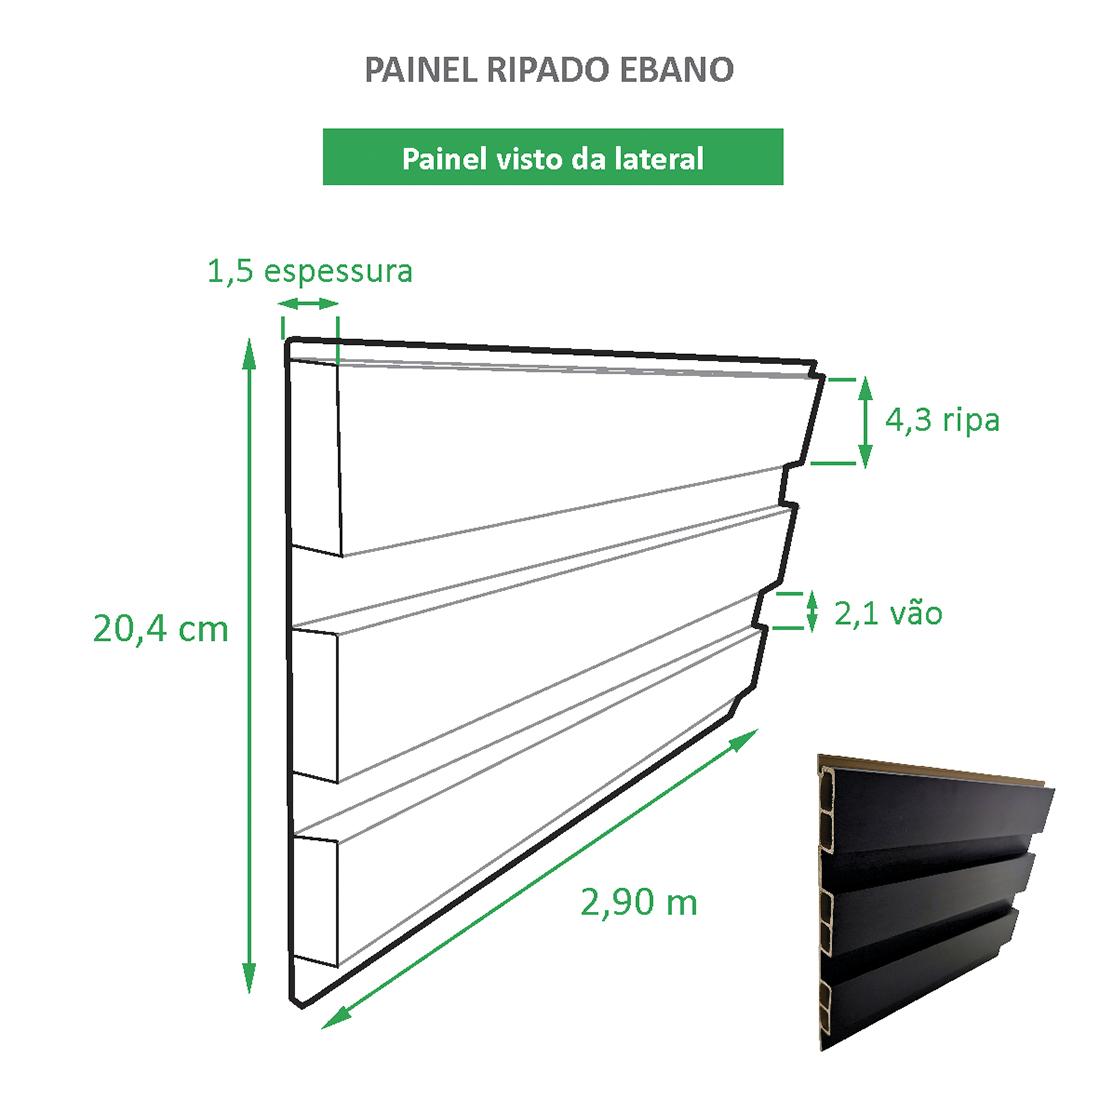 Painel Ripado Ecológico RENO Ebano - Novidade placa com 0,59m²